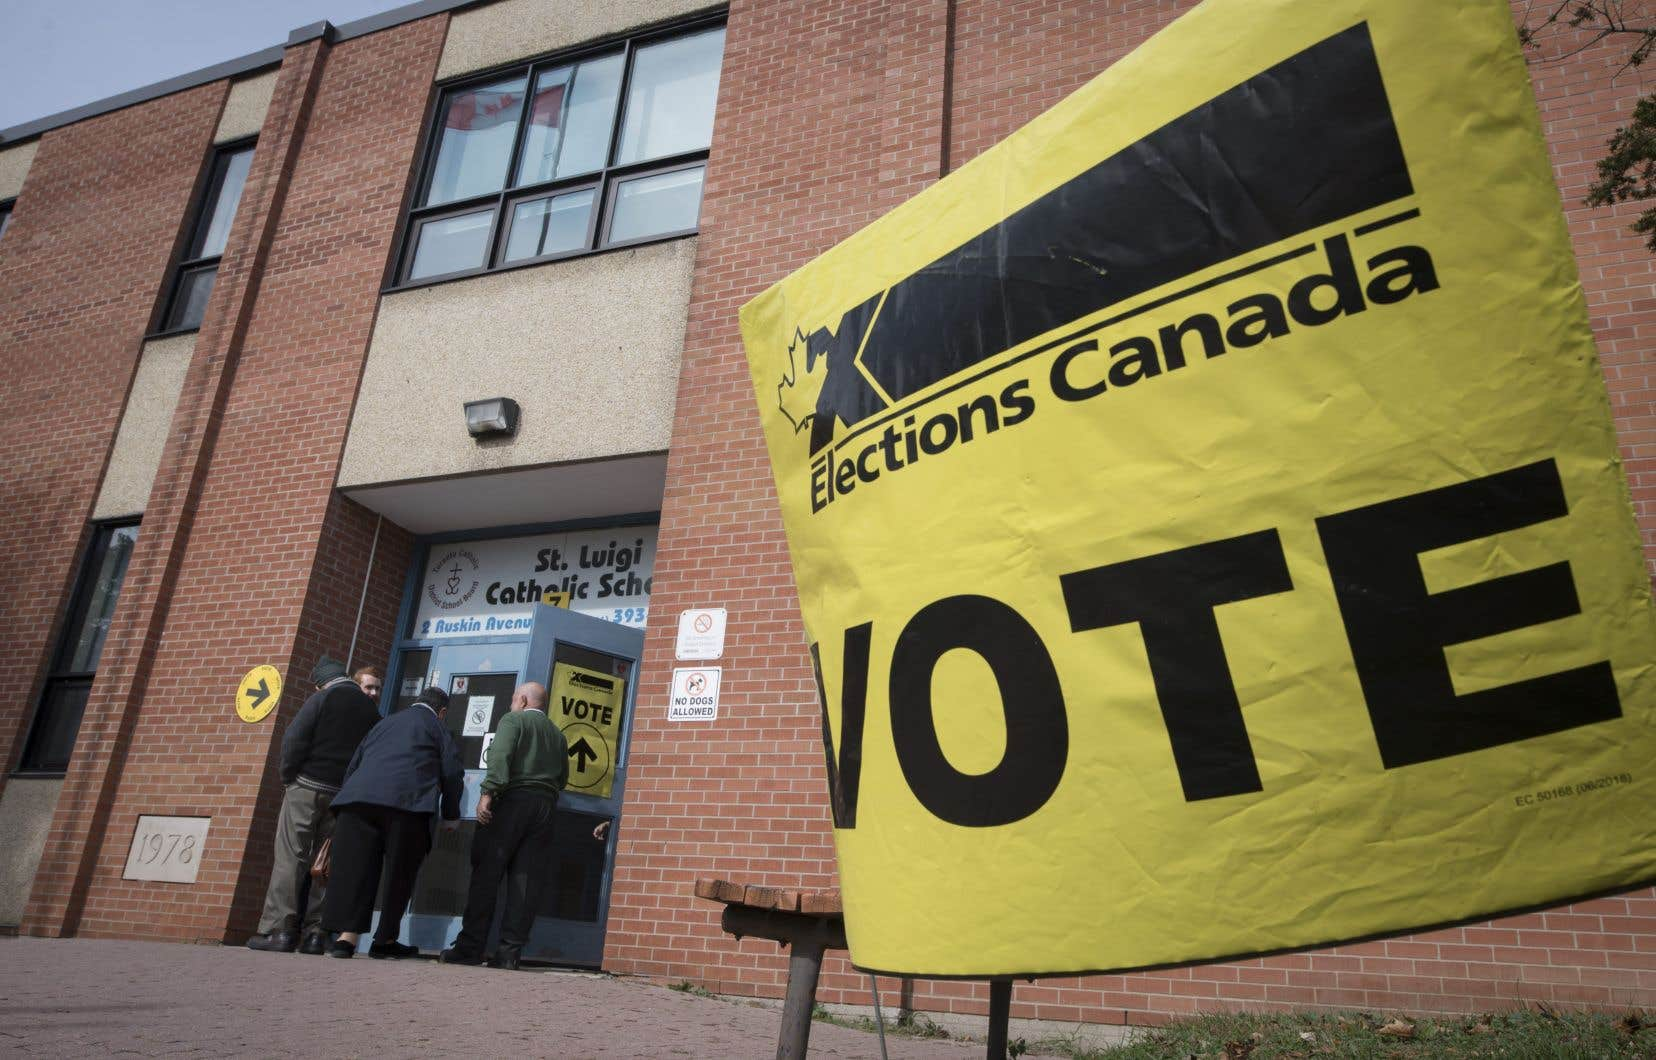 Même si le vote stratégique a été un facteur dans le scrutin, il n'a pas été la motivation principale de la plupart des électeurs, indique aussi le sondage.